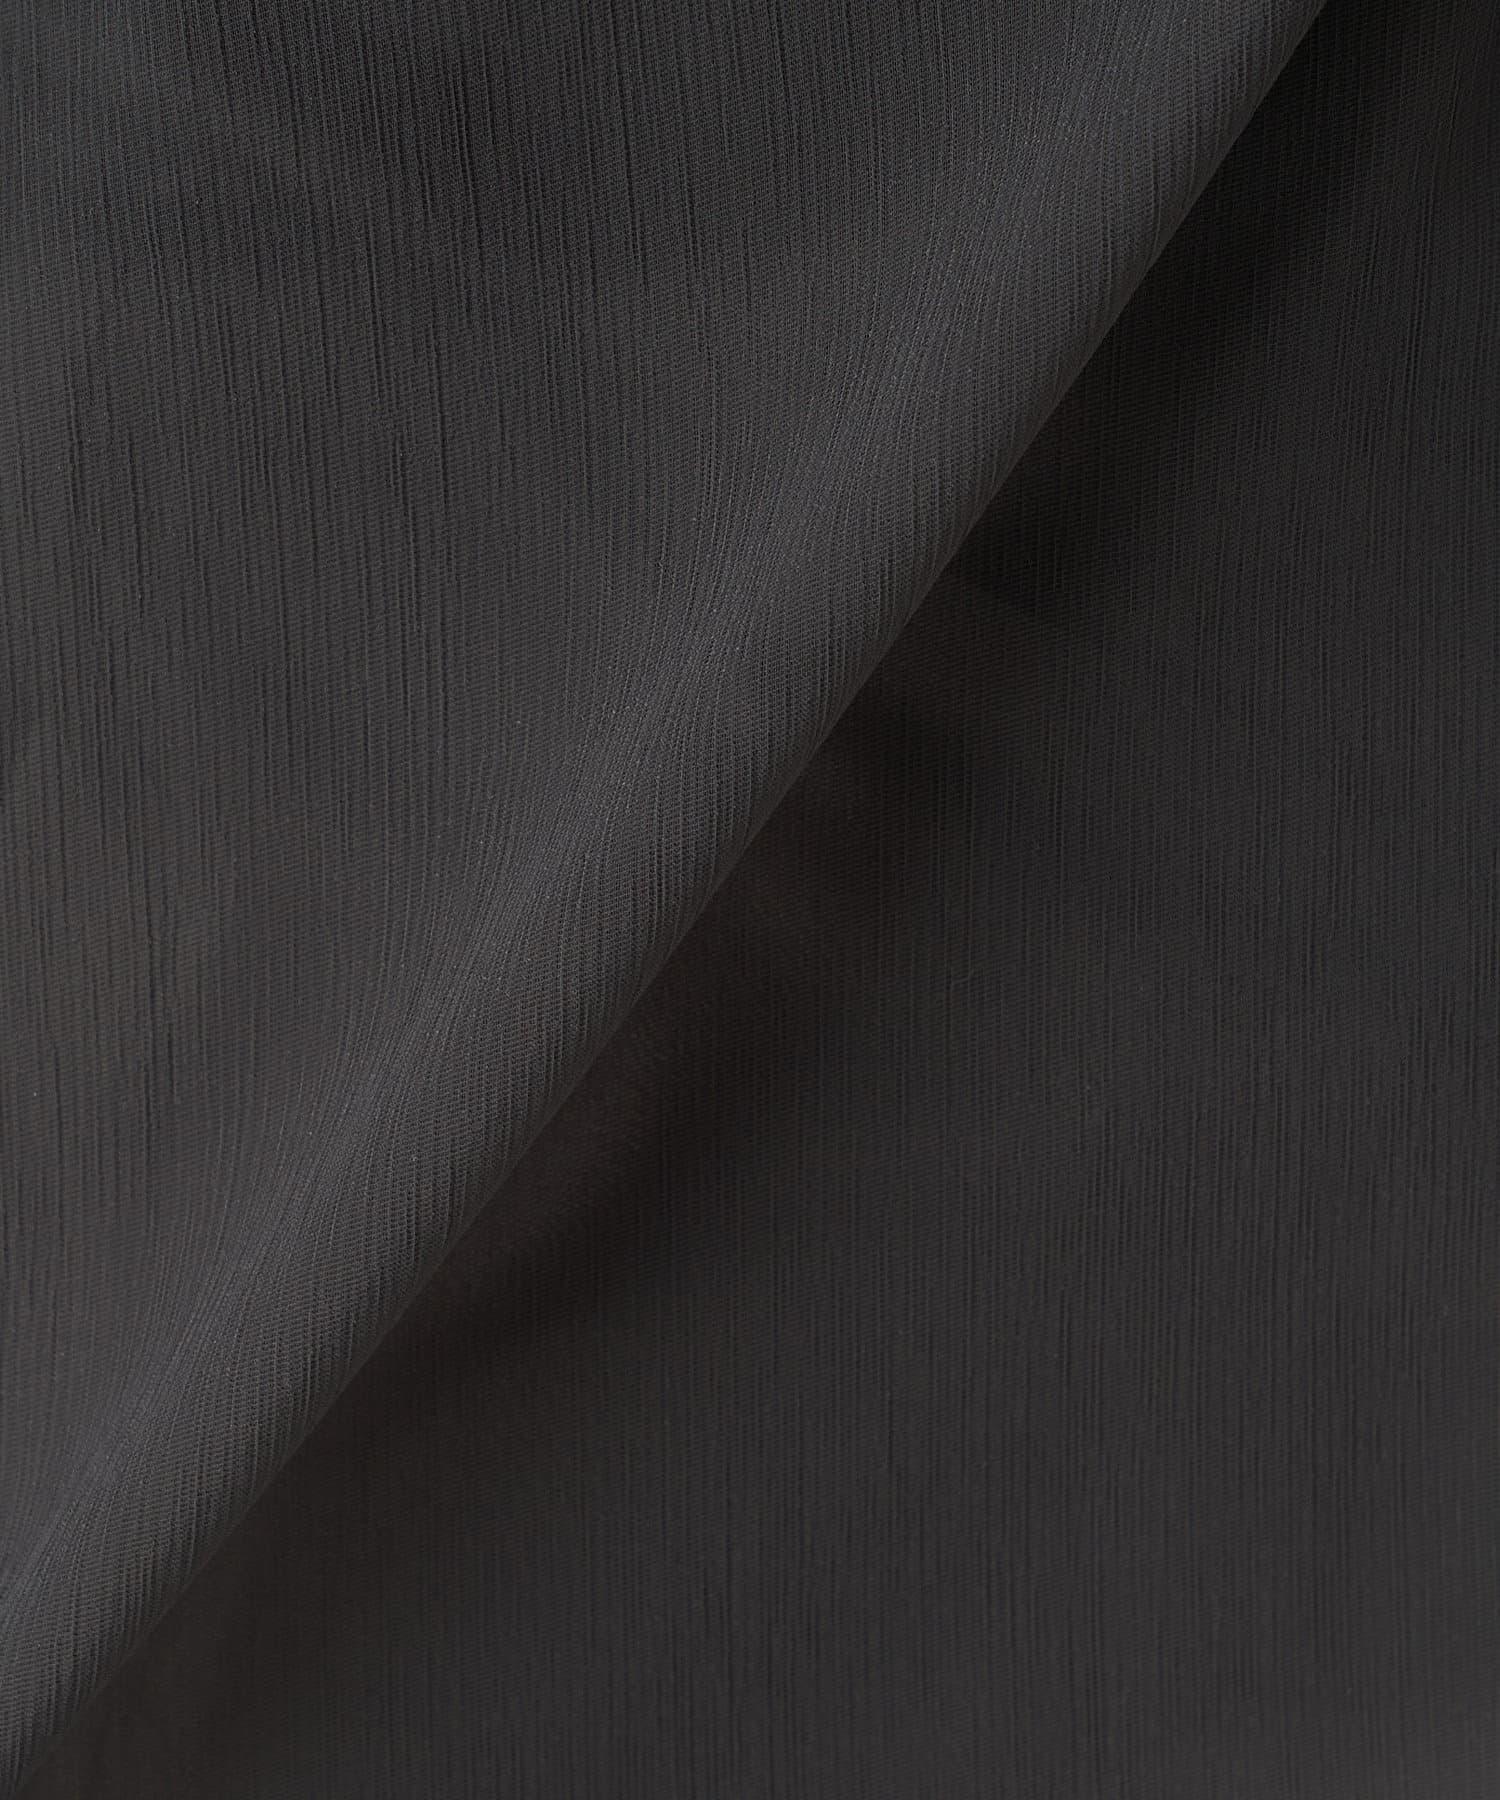 La boutique BonBon(ラブティックボンボン) 【洗える】楊柳カフタンチュニックブラウス